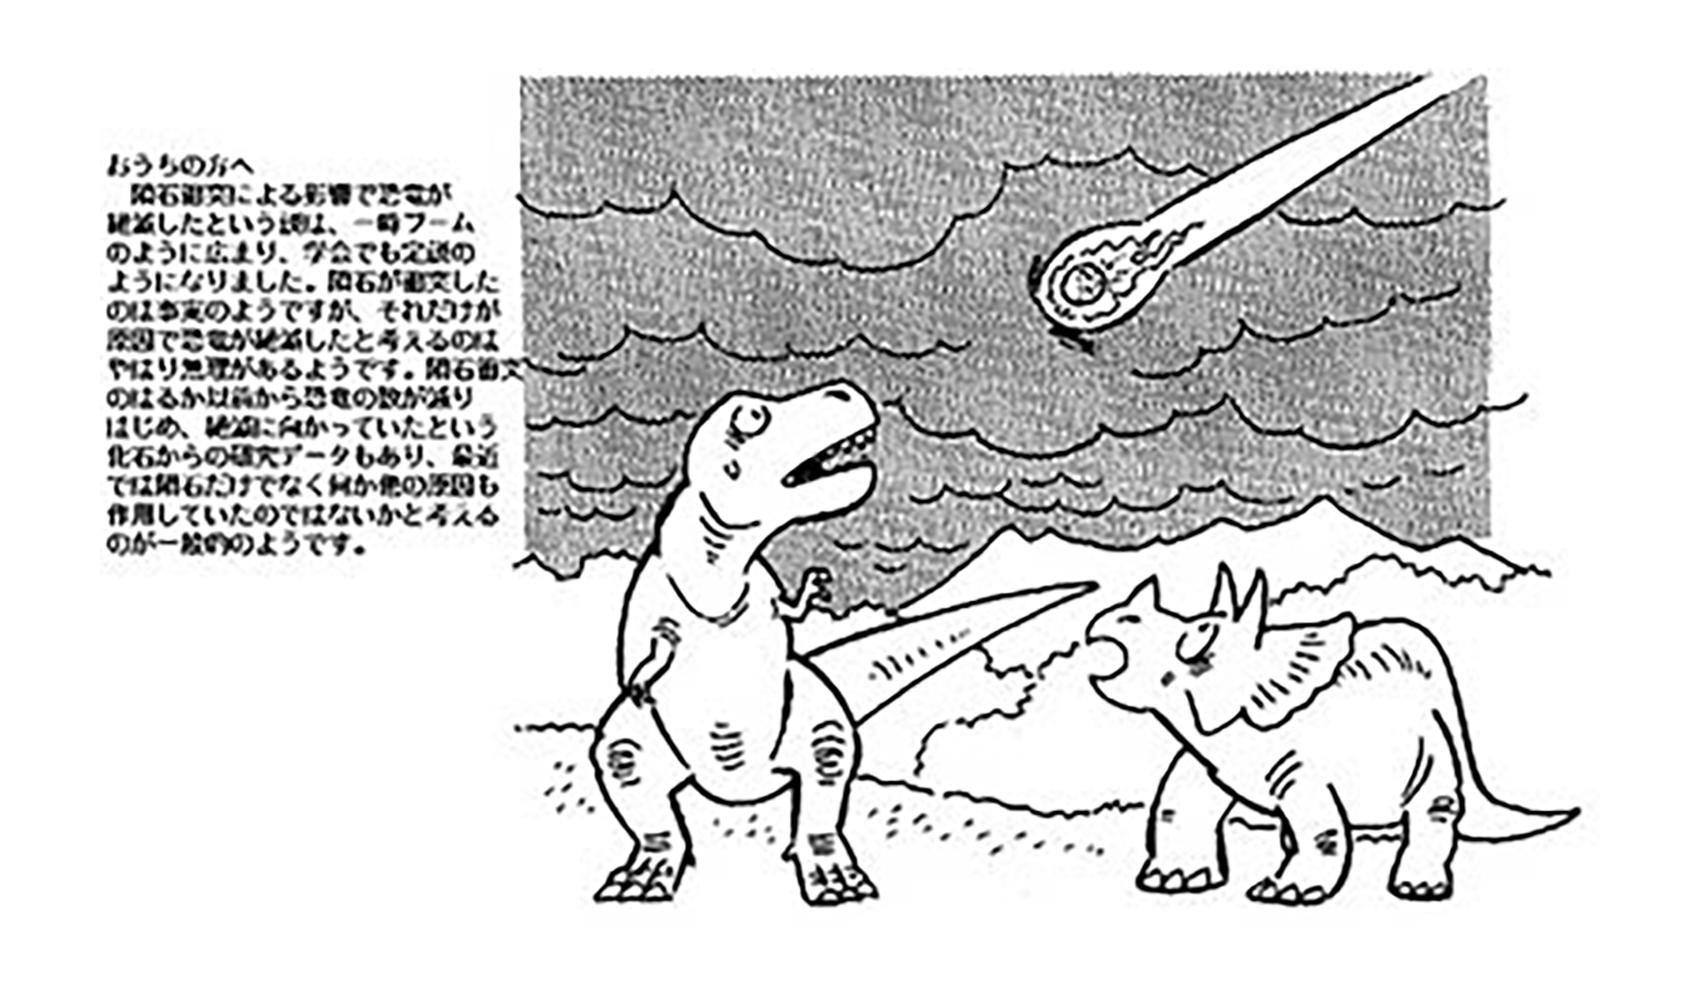 恐竜はなぜいなくなったの